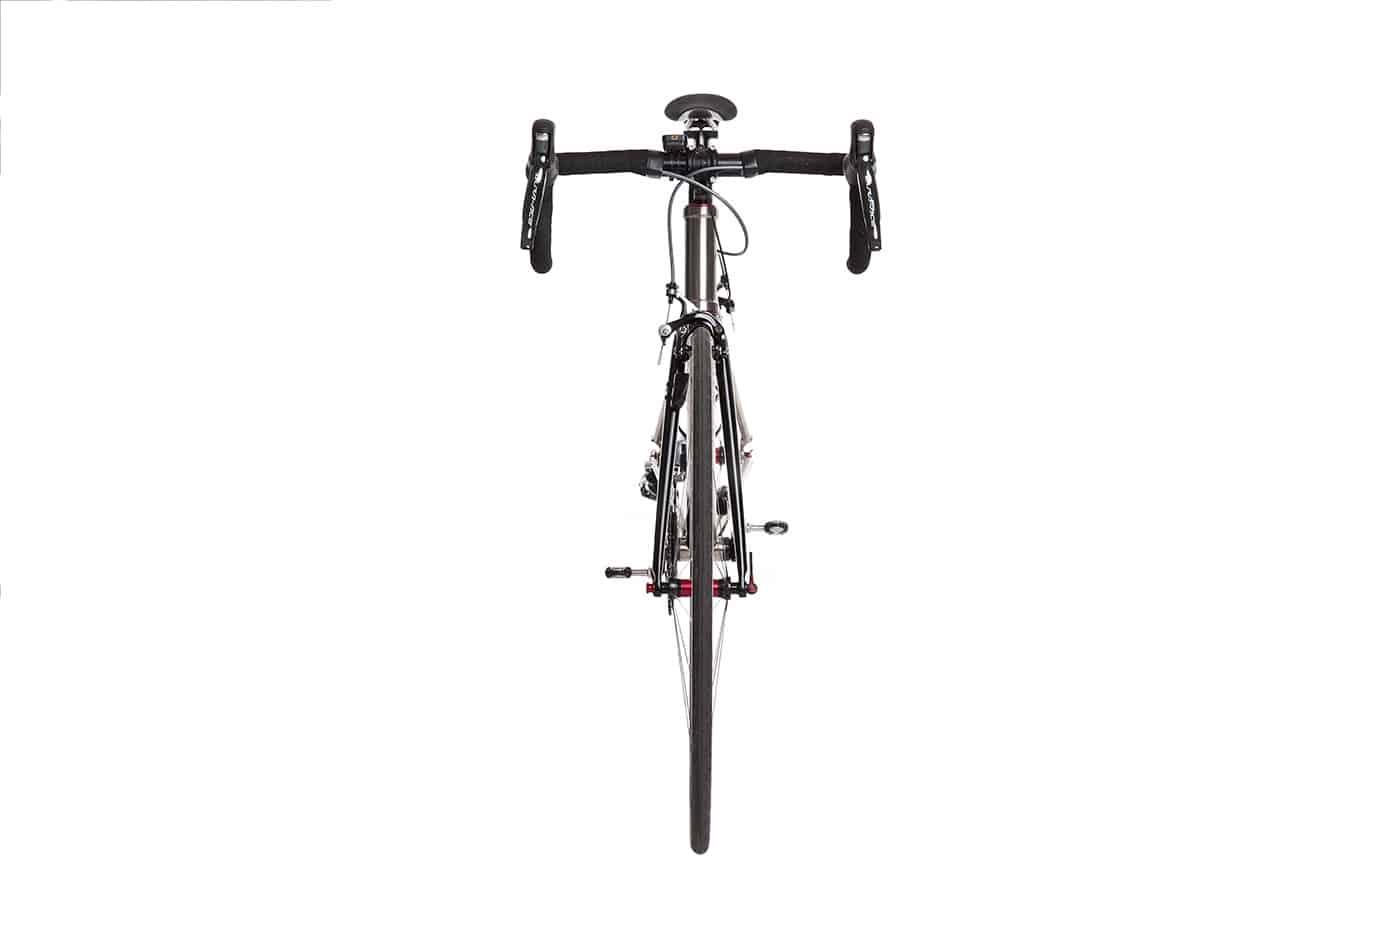 titan-rennrad-komplett-6-5kg-mit-pedale